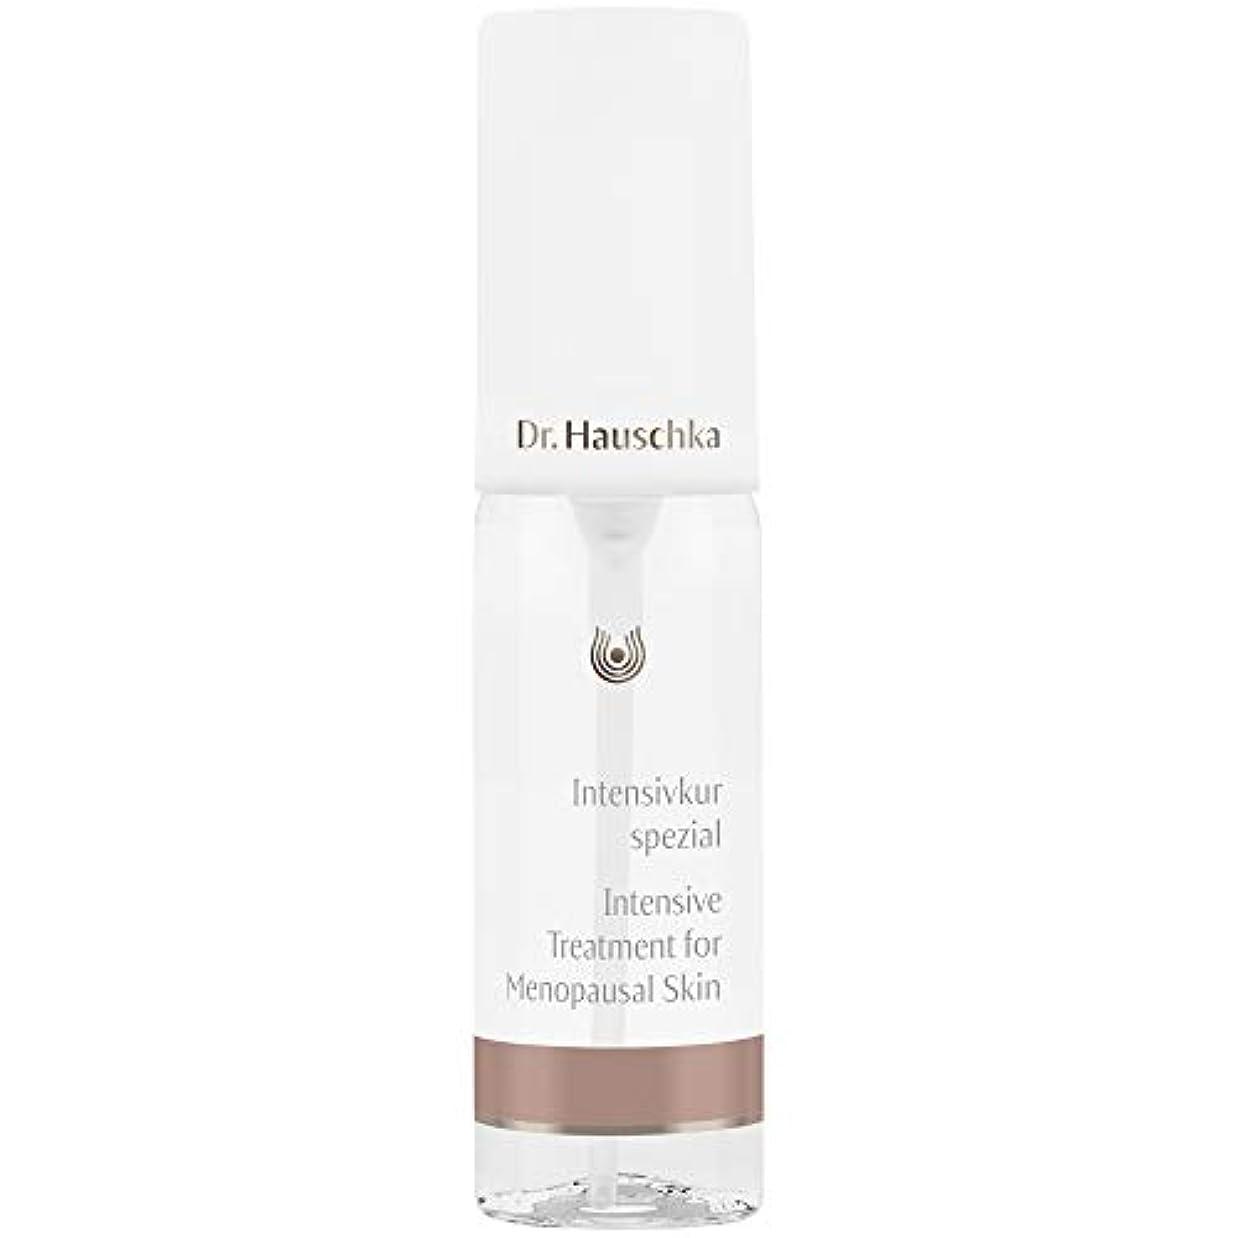 祭司ピラミッド増幅器[Dr Hauschka] 更年期の皮膚05 40ミリリットルのためのDrハウシュカ集中治療 - Dr Hauschka Intensive Treatment for Menopausal Skin 05 40ml [...